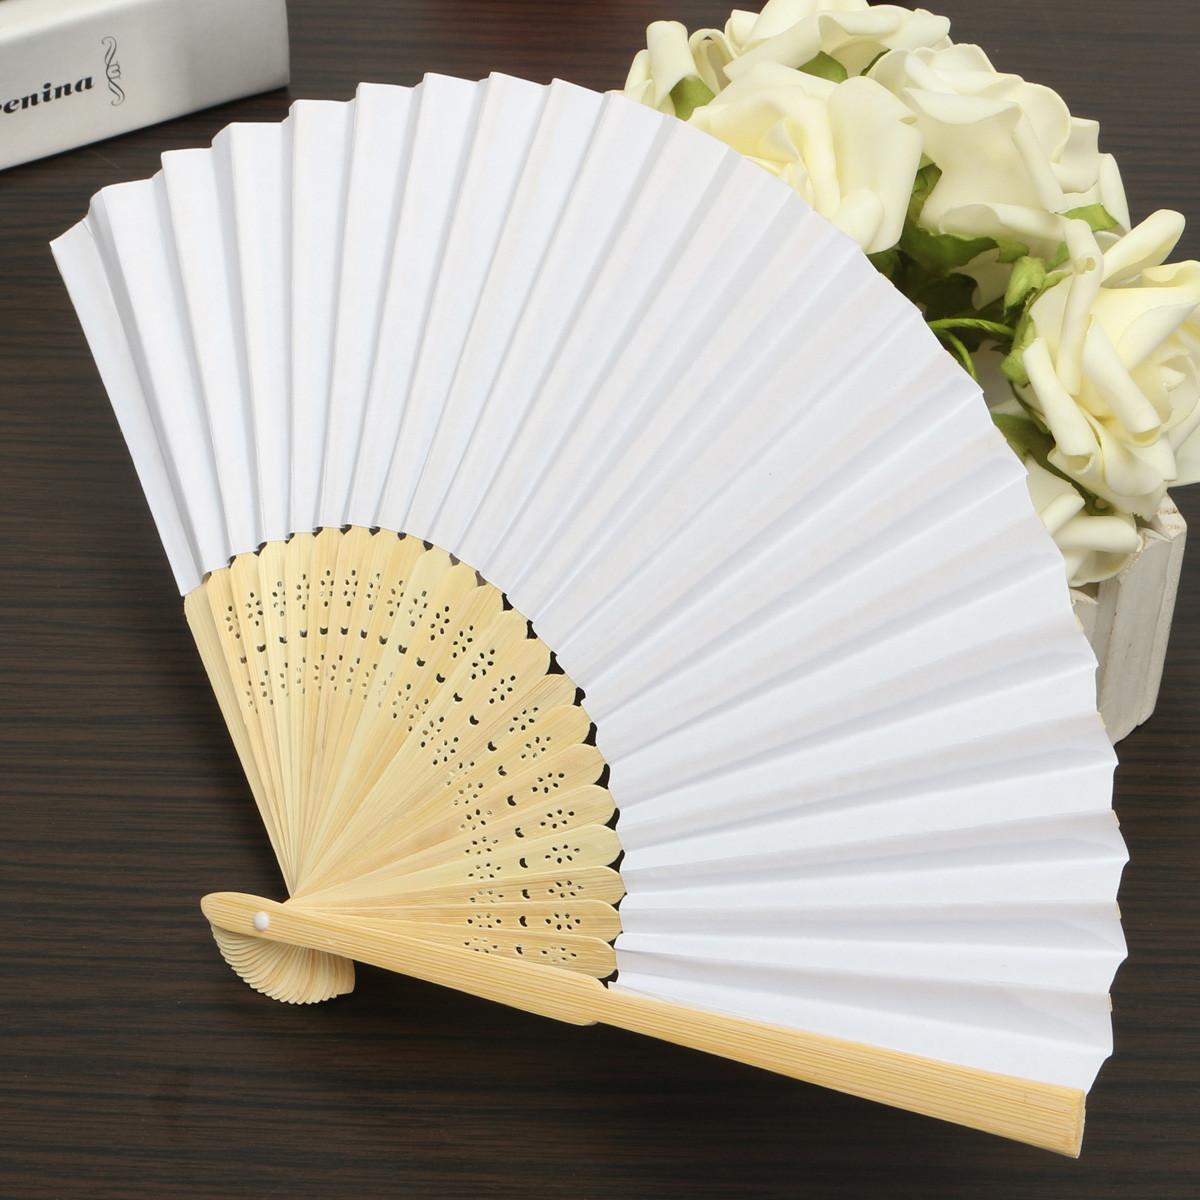 Wedding Fan DIY  5pcs Simple Blank DIY Paper Hand Folding Fan Wedding Party